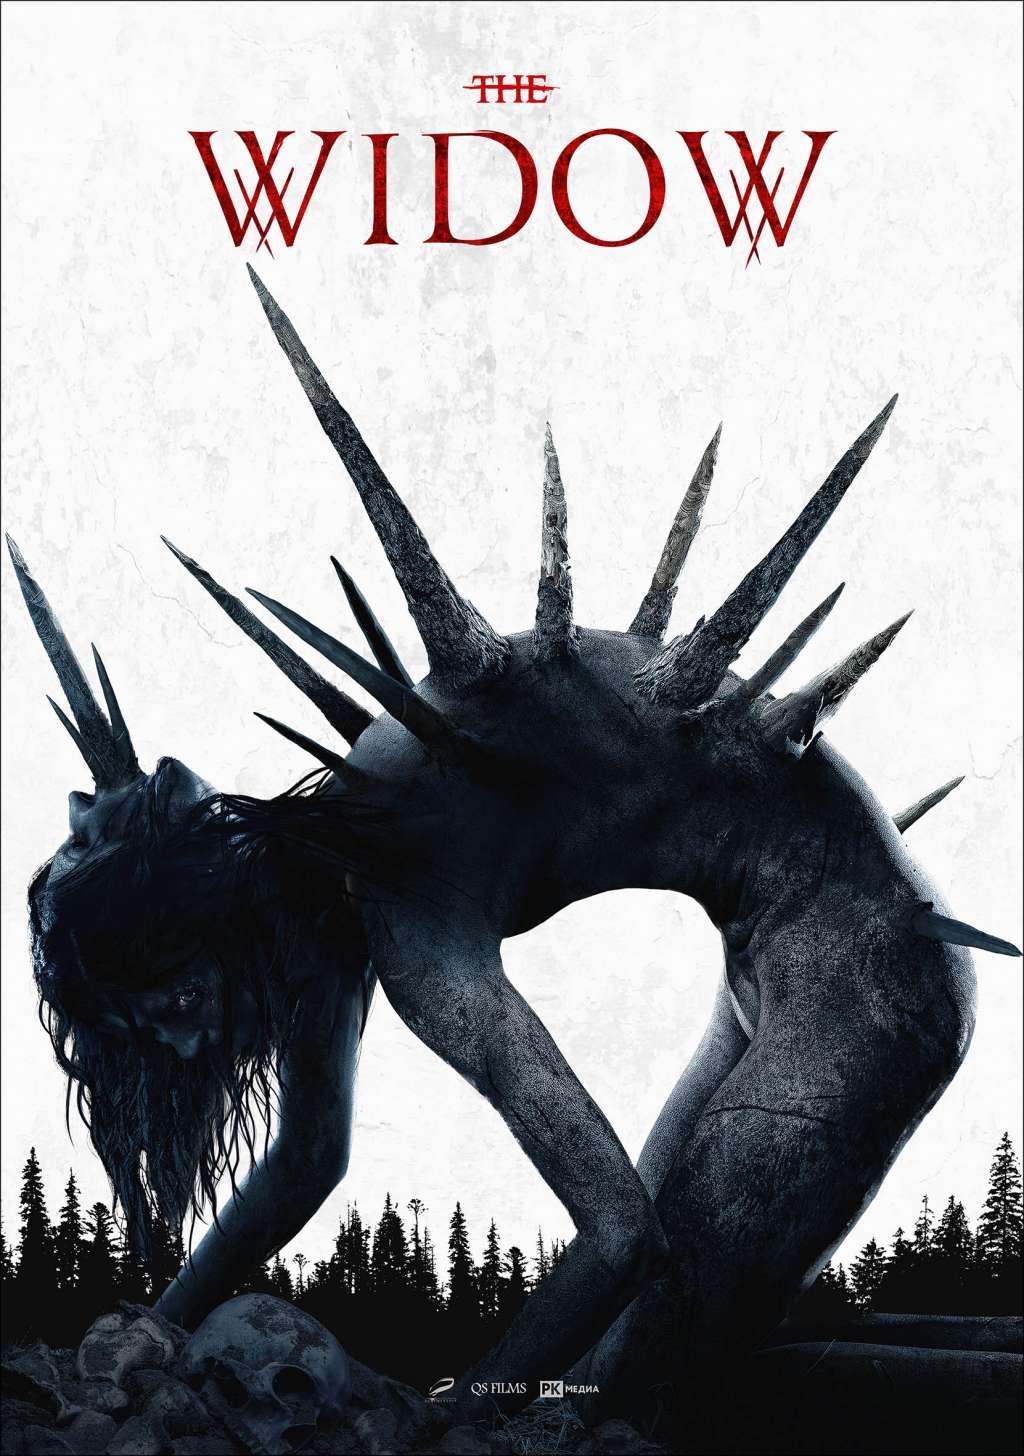 The Widow kapak